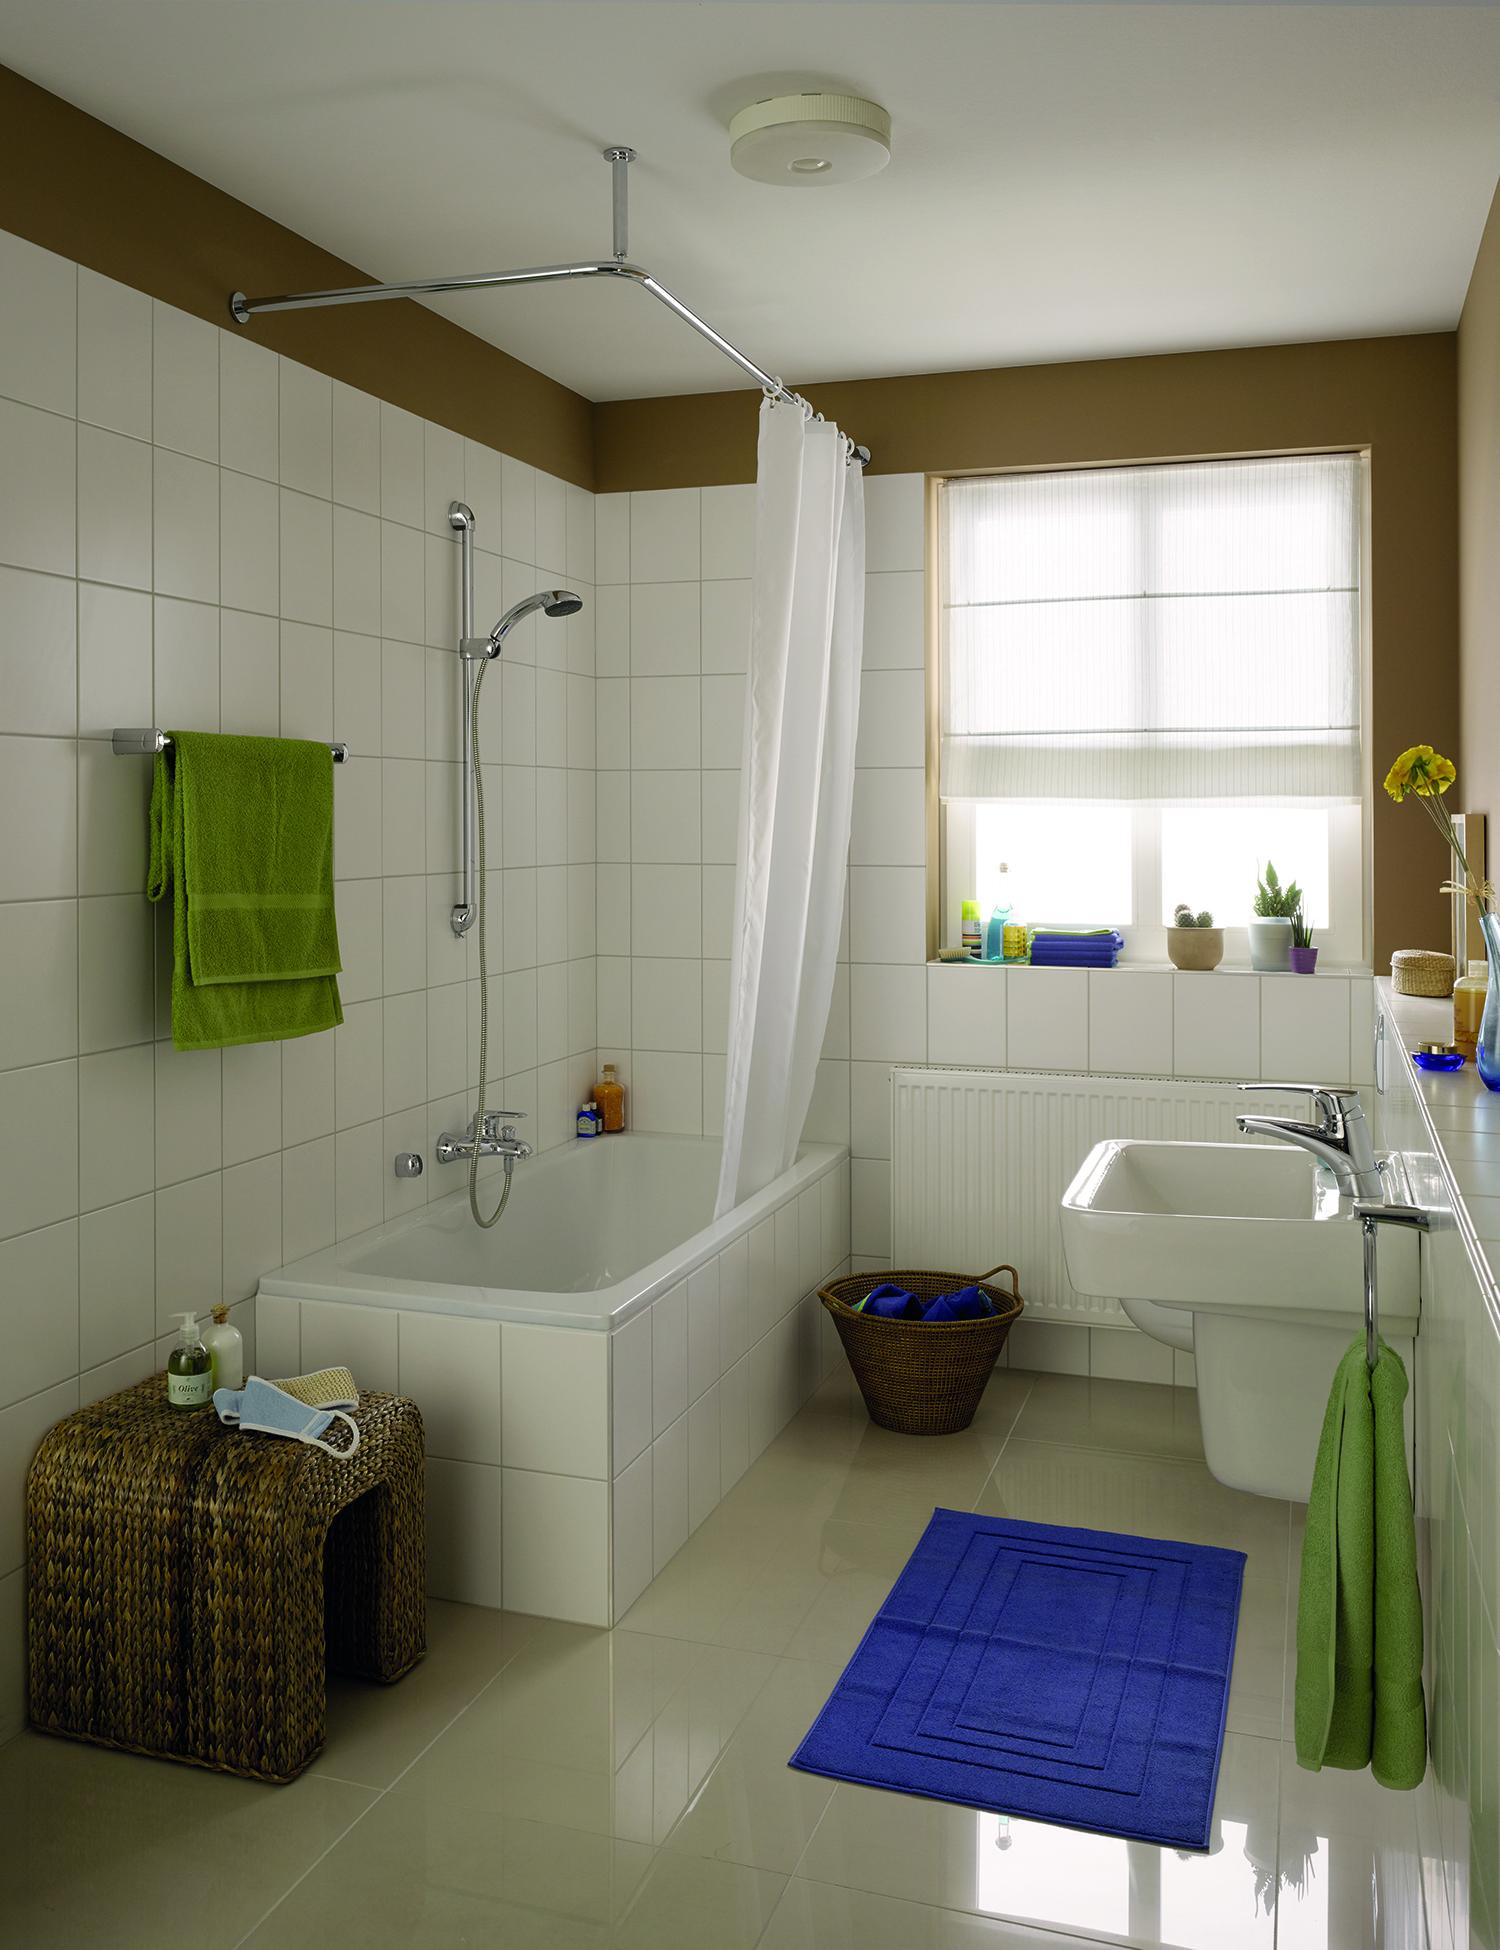 Full Size of Hsk Duschen Showers Kg Presseportal Hüppe Moderne Kaufen Sprinz Begehbare Bodengleiche Breuer Schulte Werksverkauf Dusche Hsk Duschen